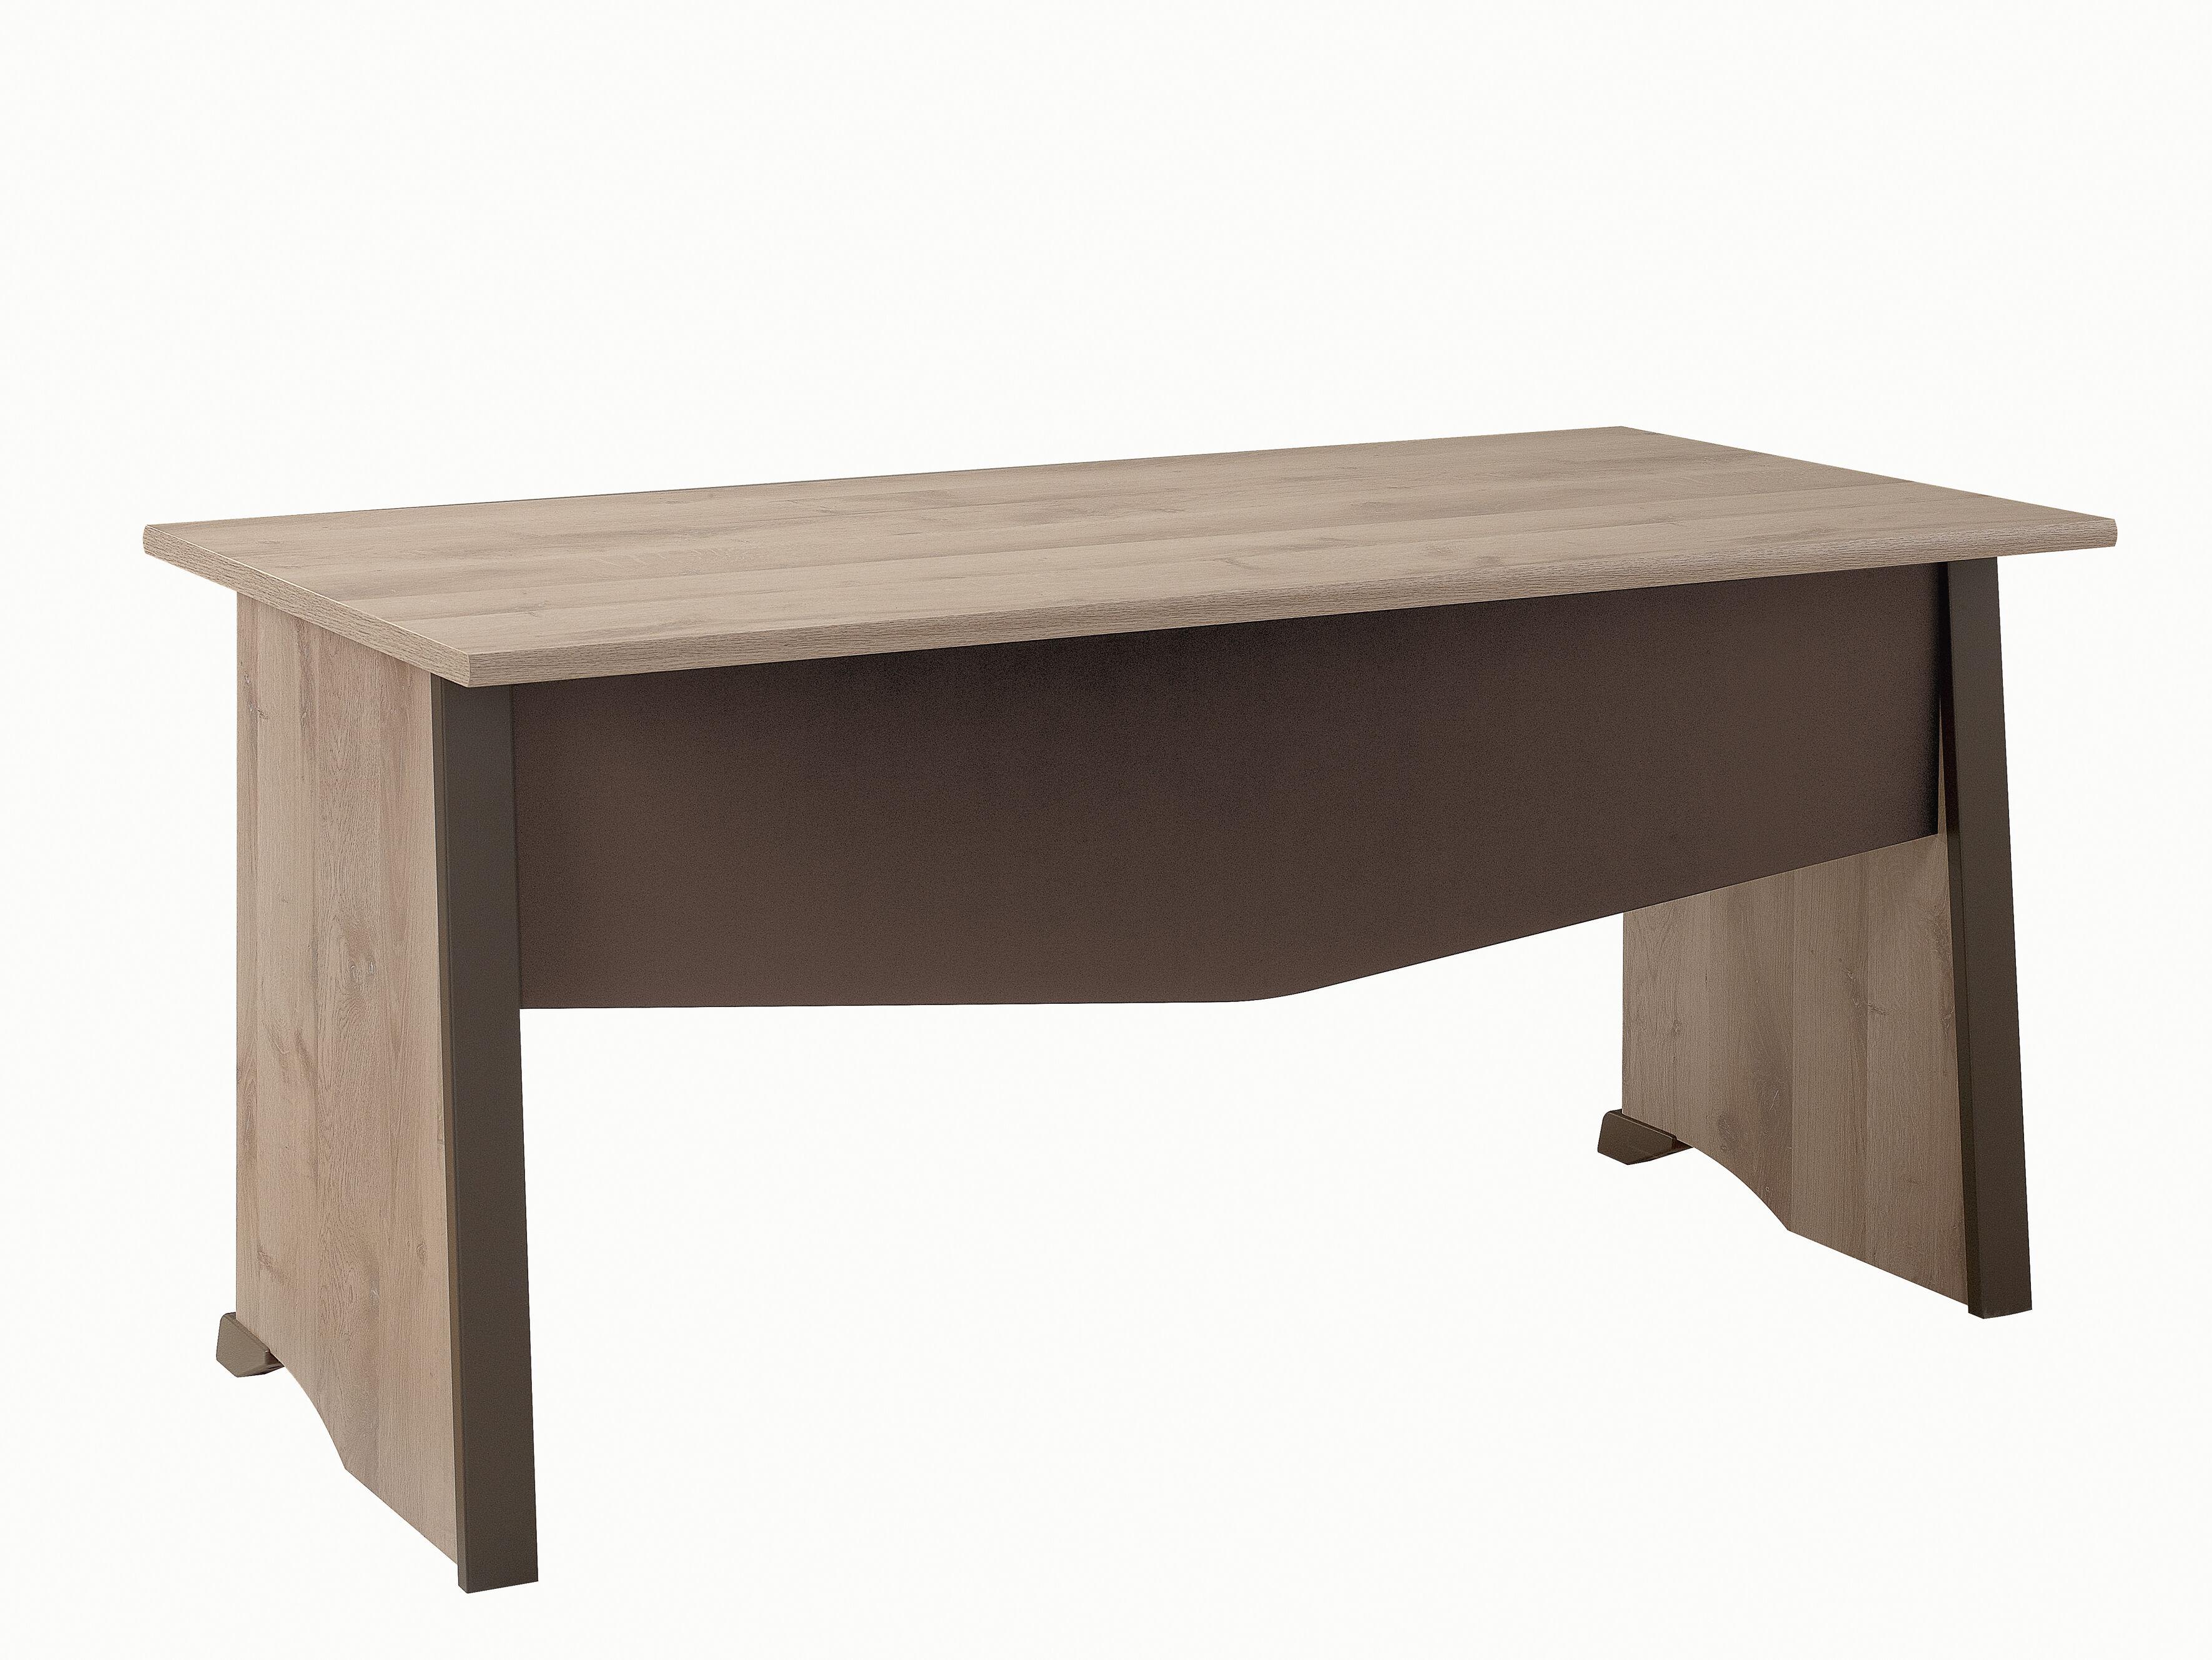 Bureau MAMBO - 120 cm - Pieds panneaux - Chêne/chocolat